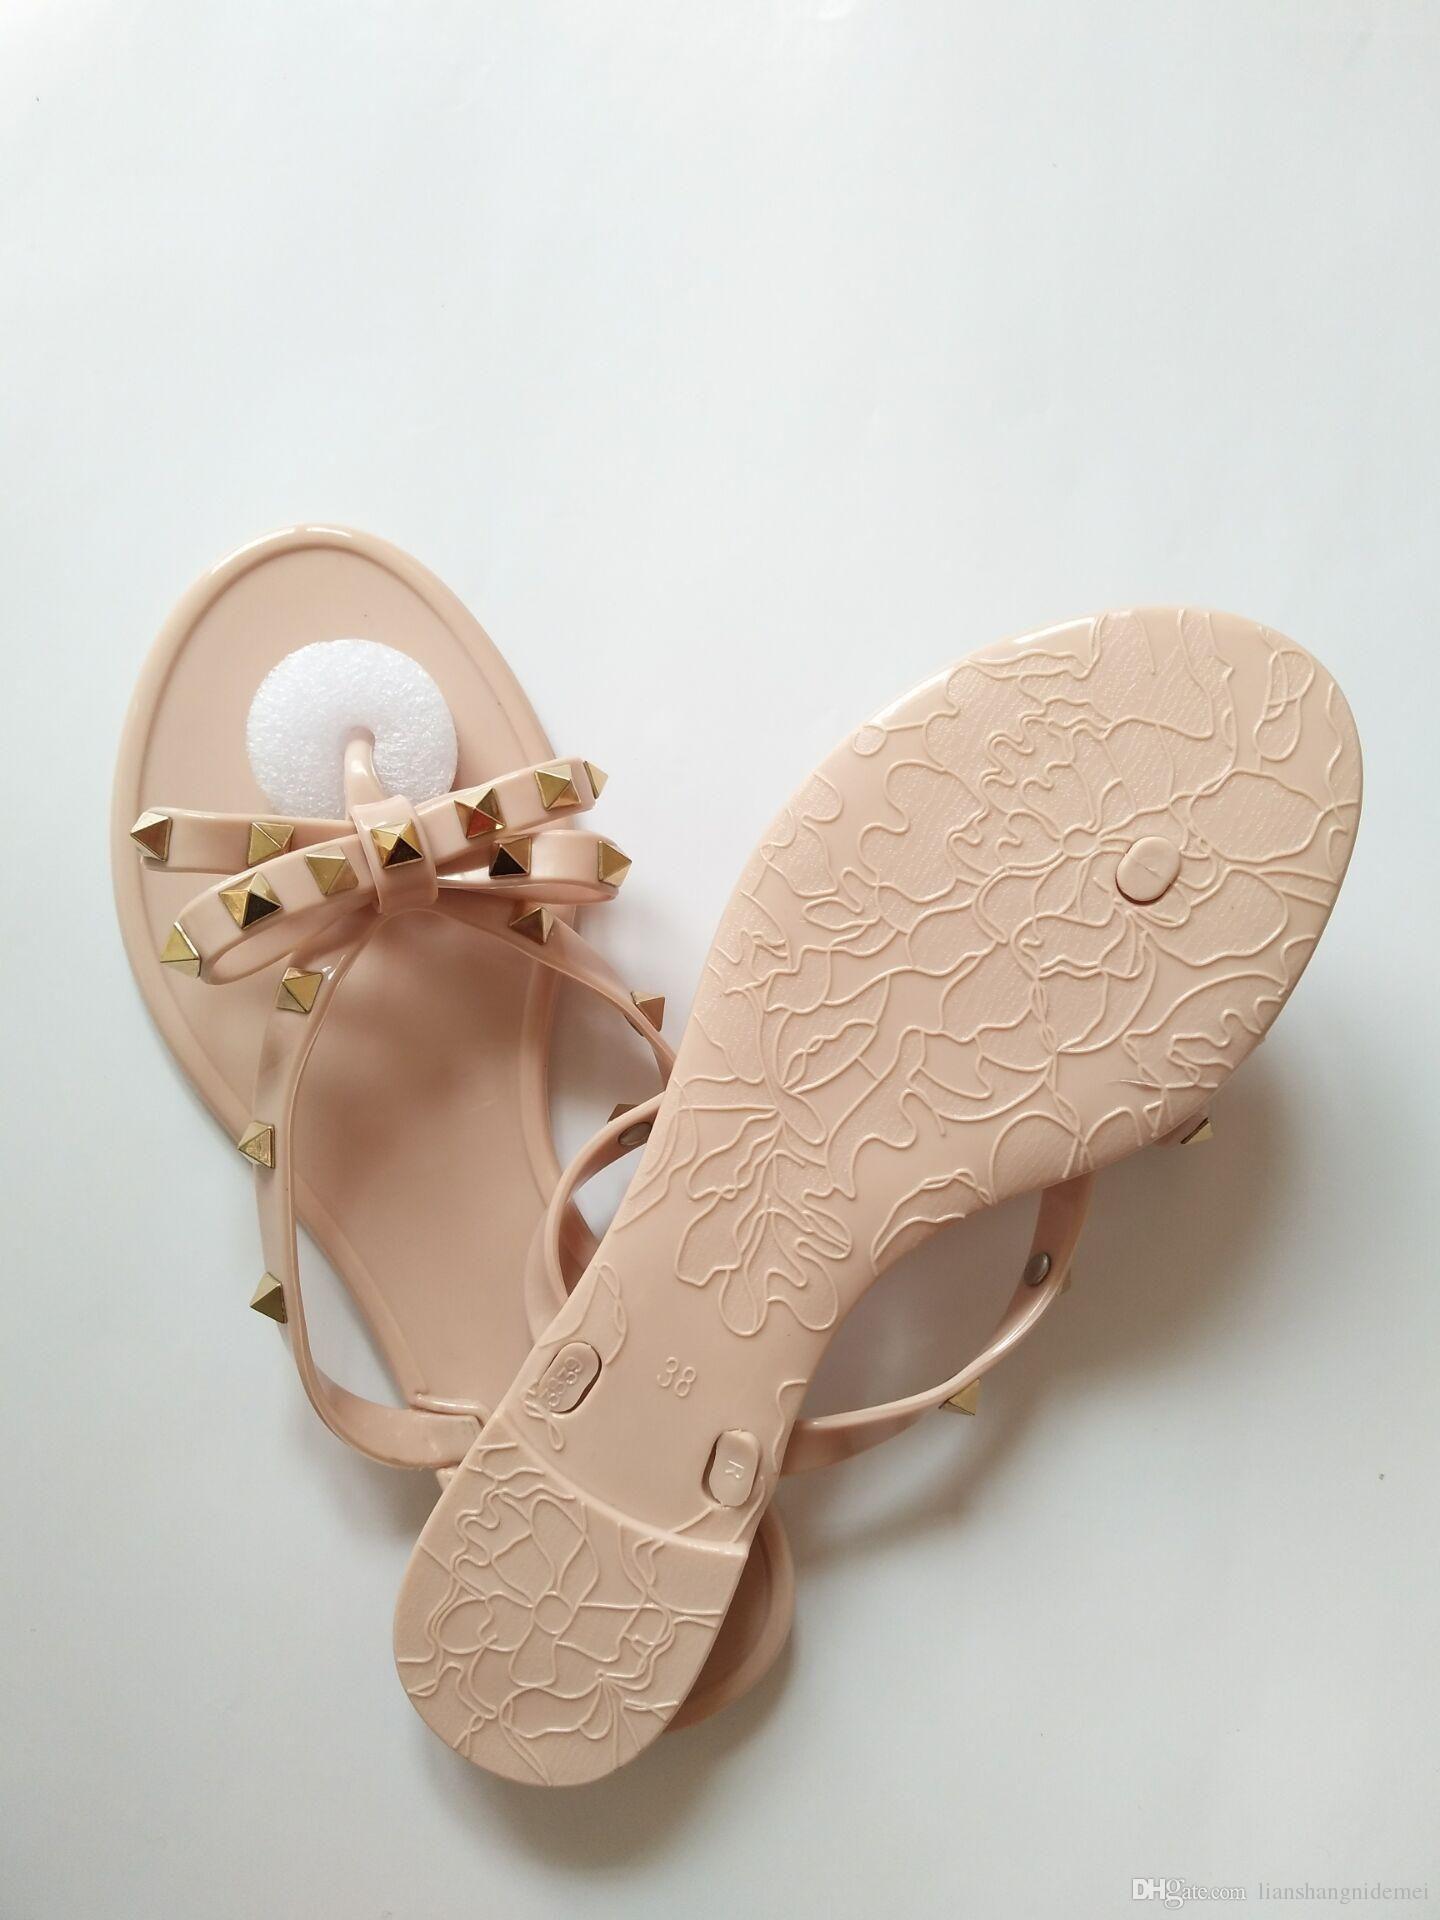 Neue 2018 Frau Sommer Sandalen Nieten große Bowknot Flip Flops Strand Sandalias Femininas Flache Gelee Designer Sandalen